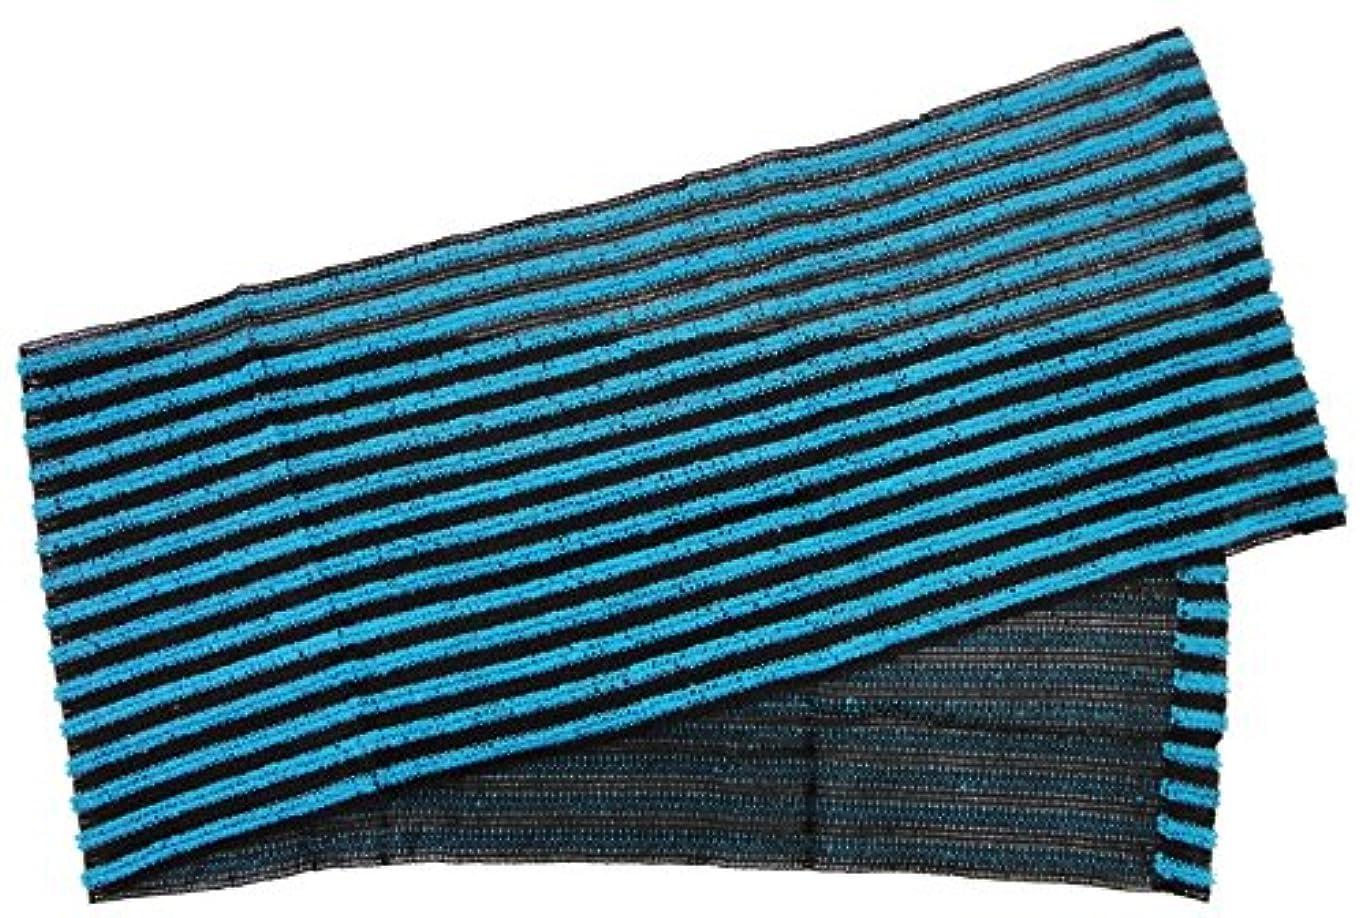 構想するマウント無限小久保 『たっぷりの泡立ちサッパリとした洗い心地』 働くオトコのボディタオル 20×110cm 3290